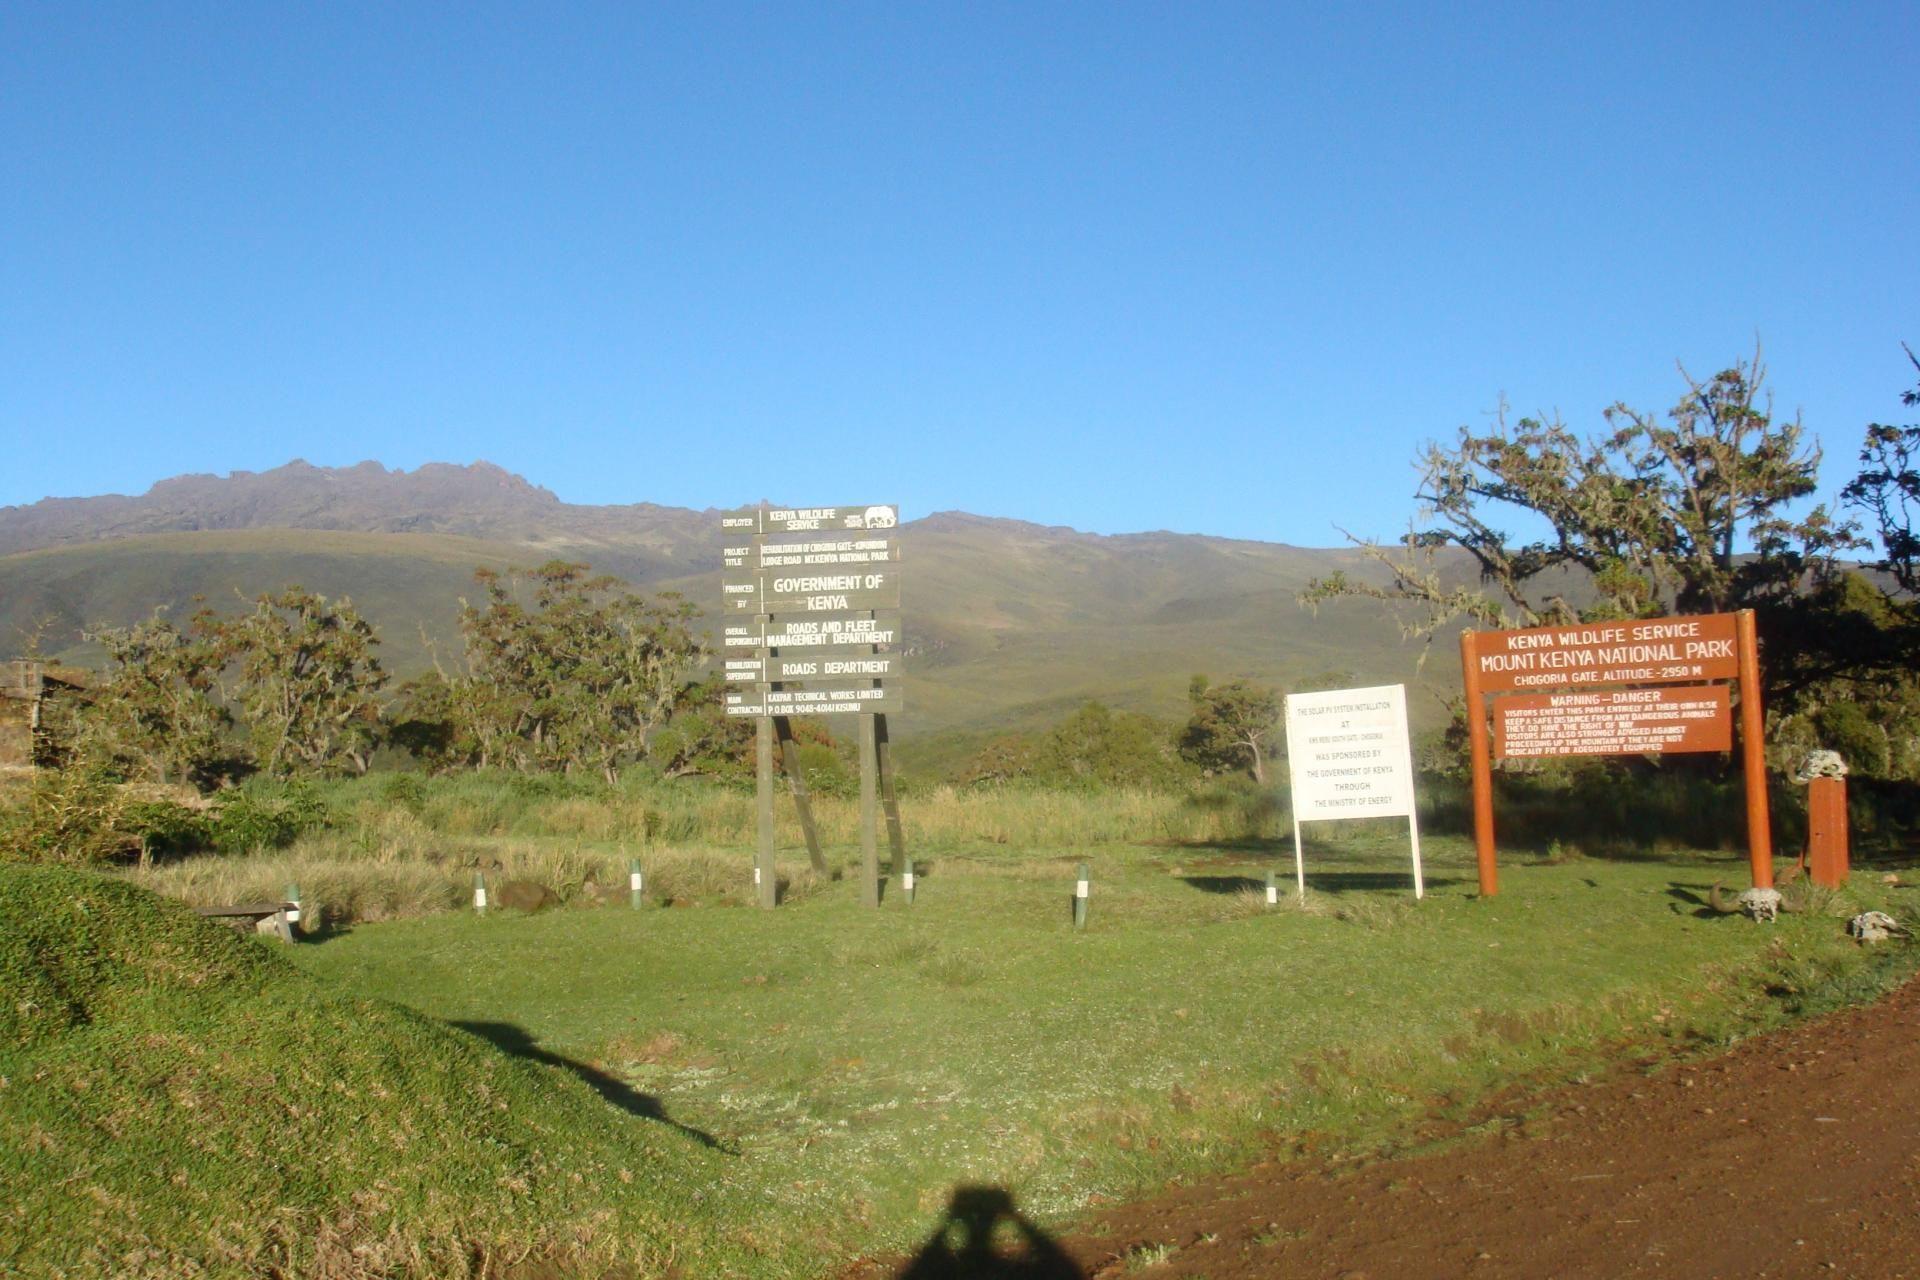 Climbing Mount Kenya, YHA Kenya Travel Mountain Adventures